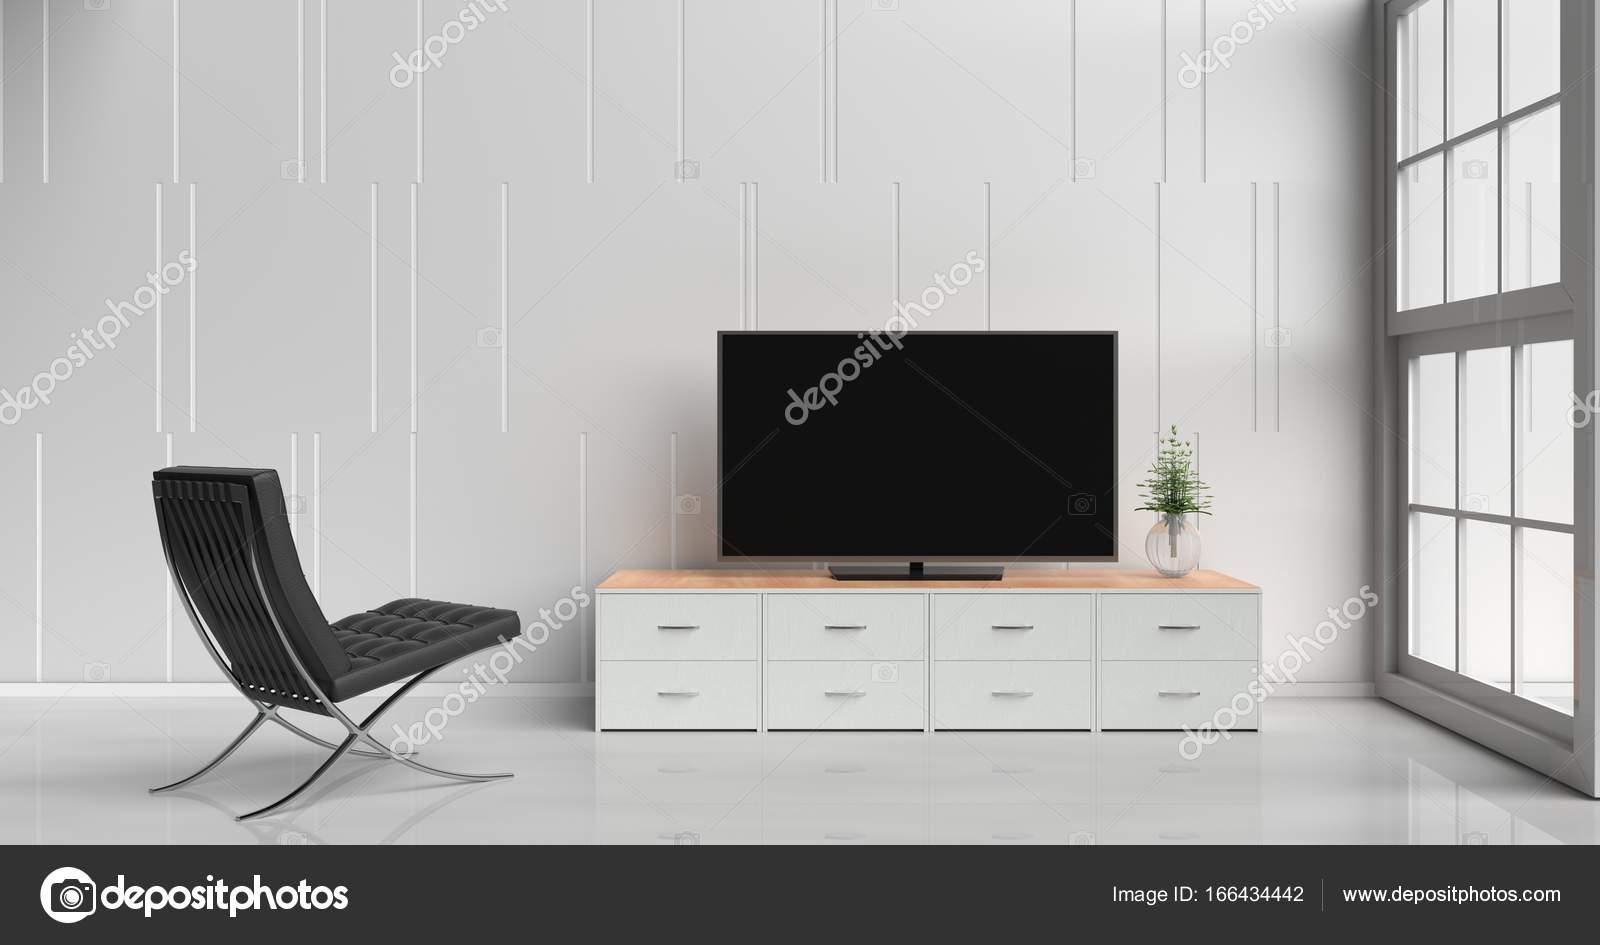 Carrinho Da Tev Inteligente Na Tv Na Sala De Estar Branca Decorada